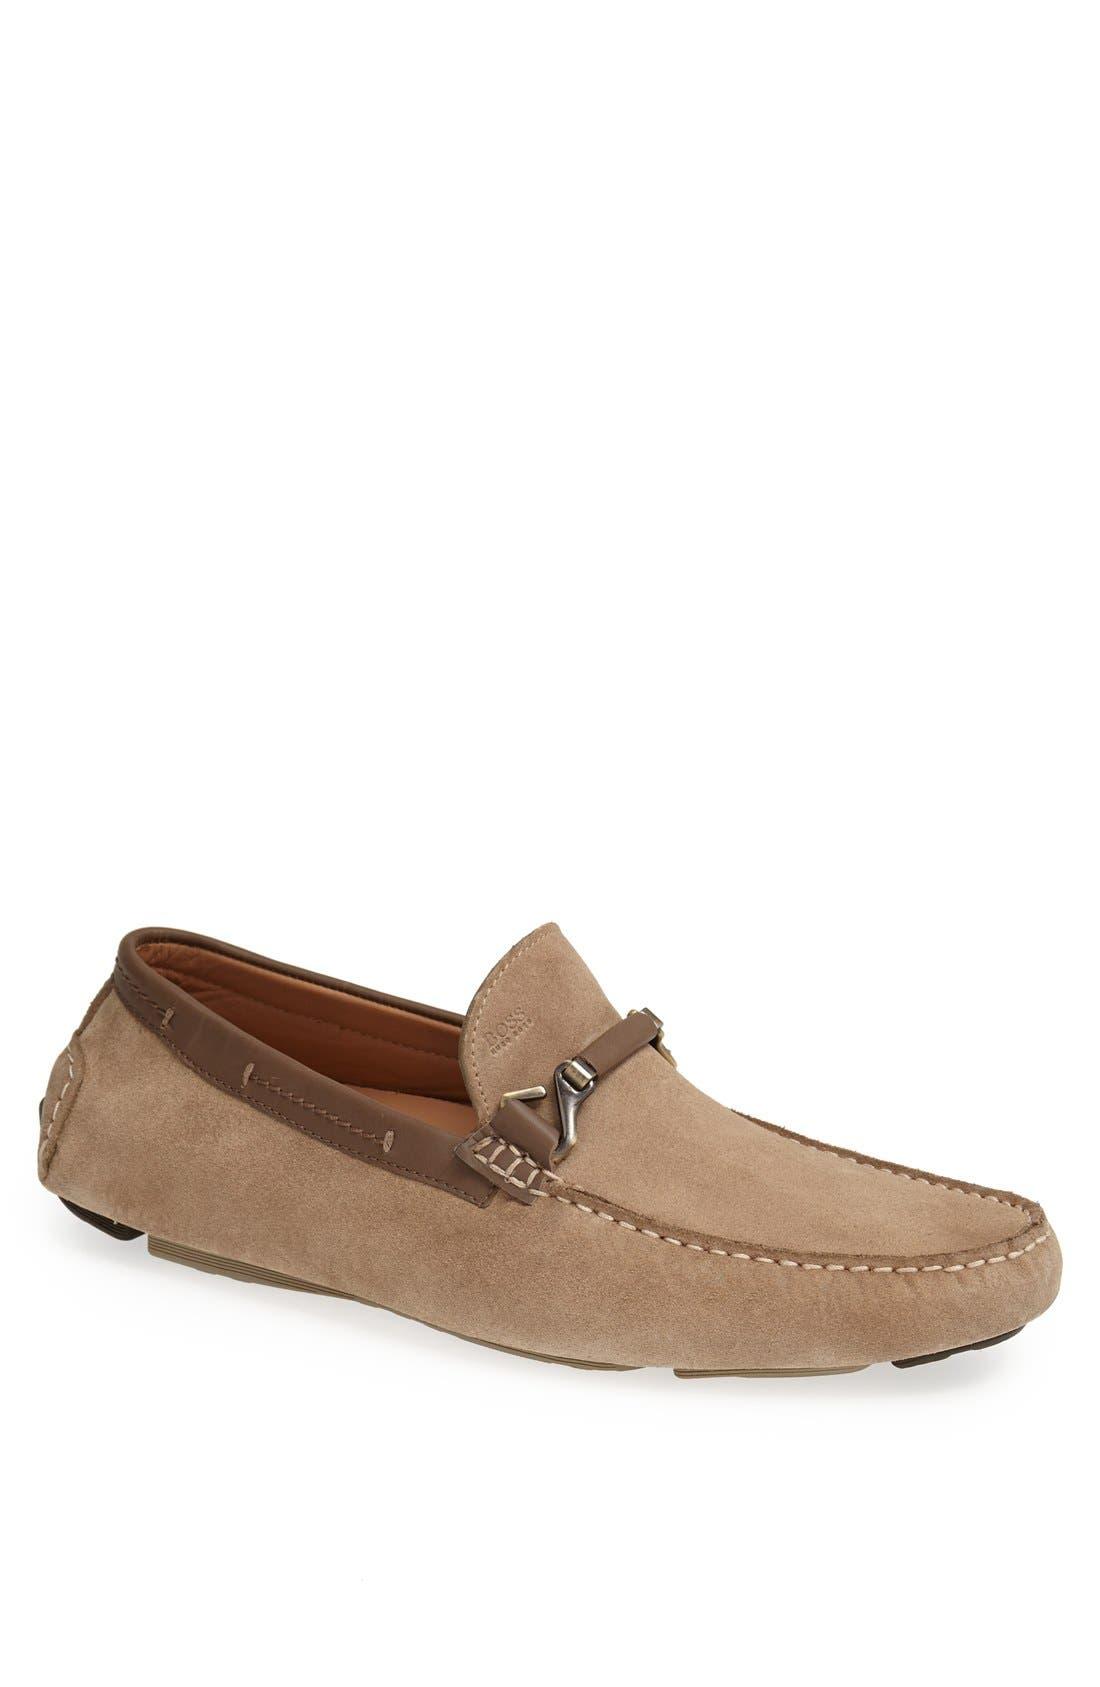 Alternate Image 1 Selected - BOSS HUGO BOSS 'Drenno' Driving Shoe (Men)